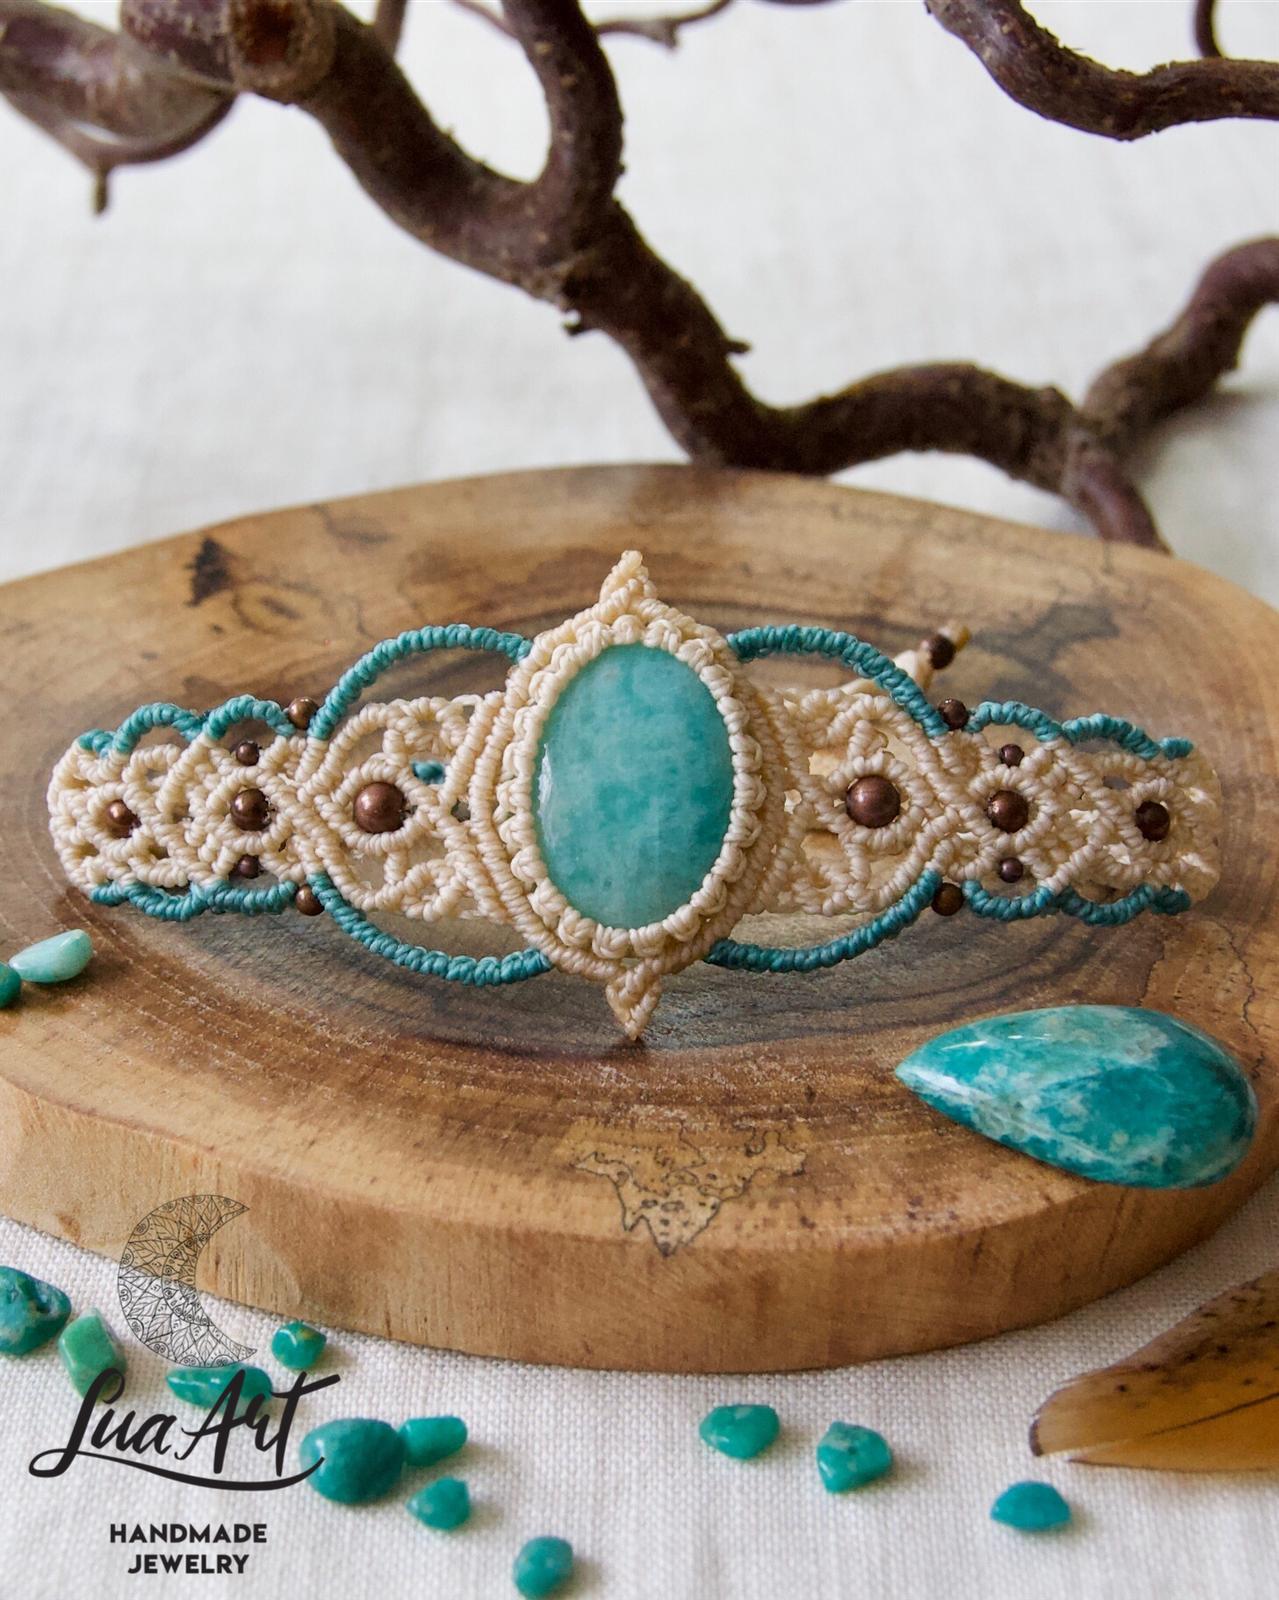 gemstone boho armlet Macrame bracelet with Amazonite stone and brass beads gypsy jewelry for women upper arm bohemian wedding jewelry